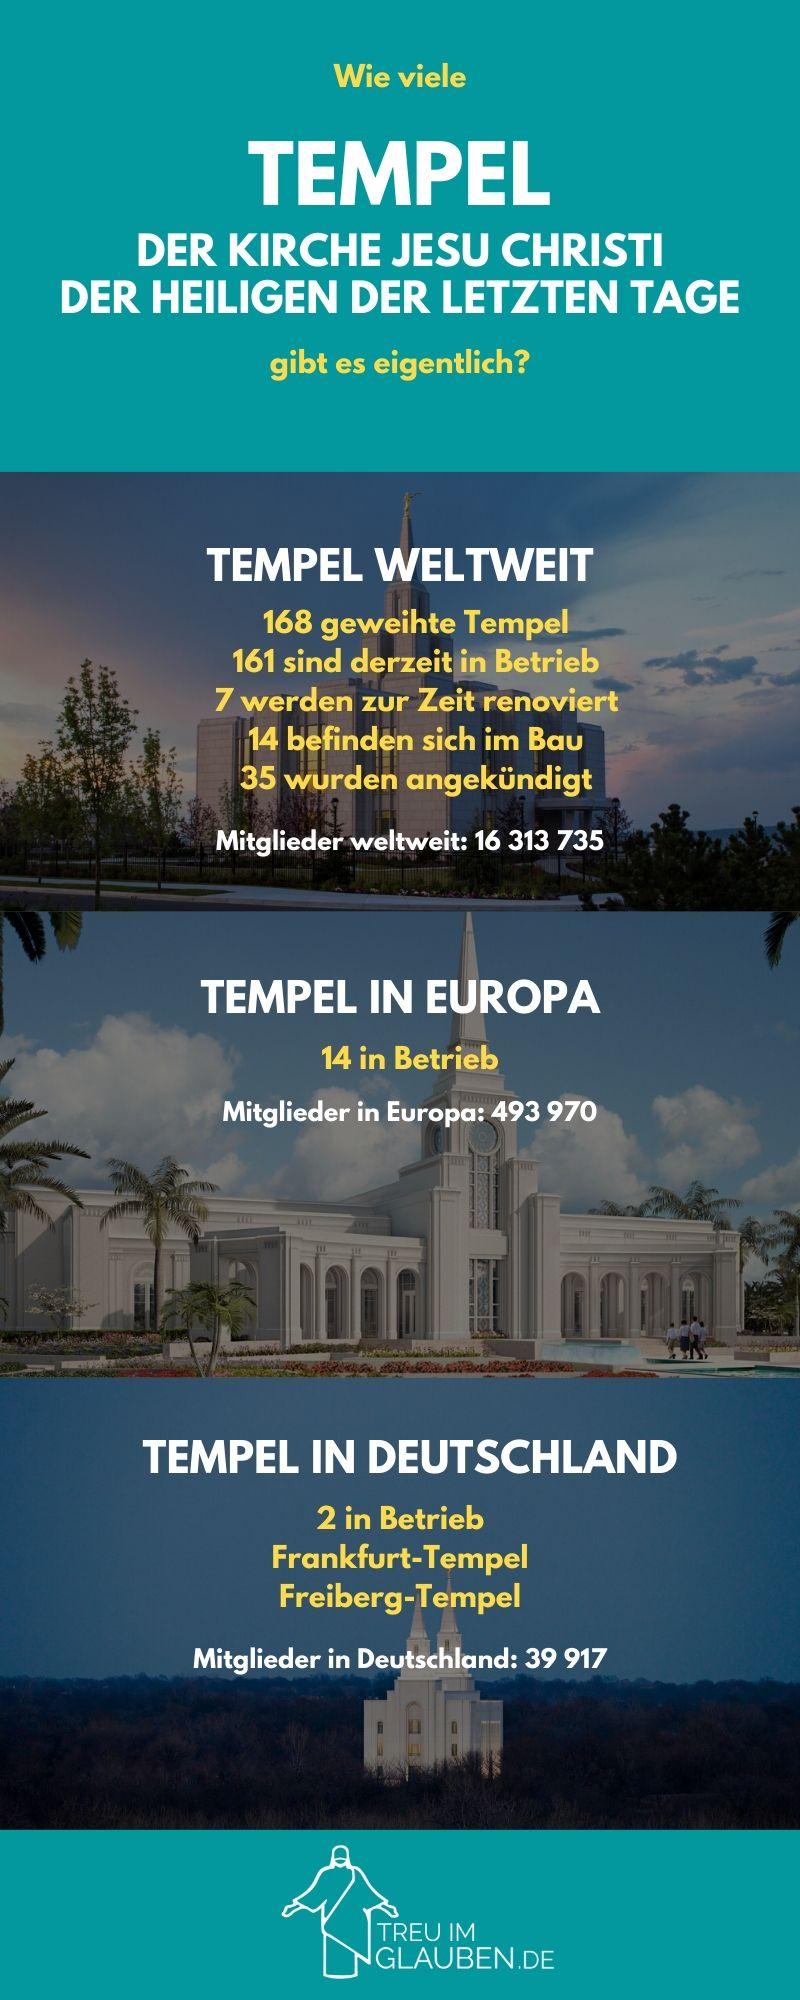 Zu sehen ist eine Infografik zu den Tempeln der Kirche Jesu Christi der Heiligen der Letzten Tage.